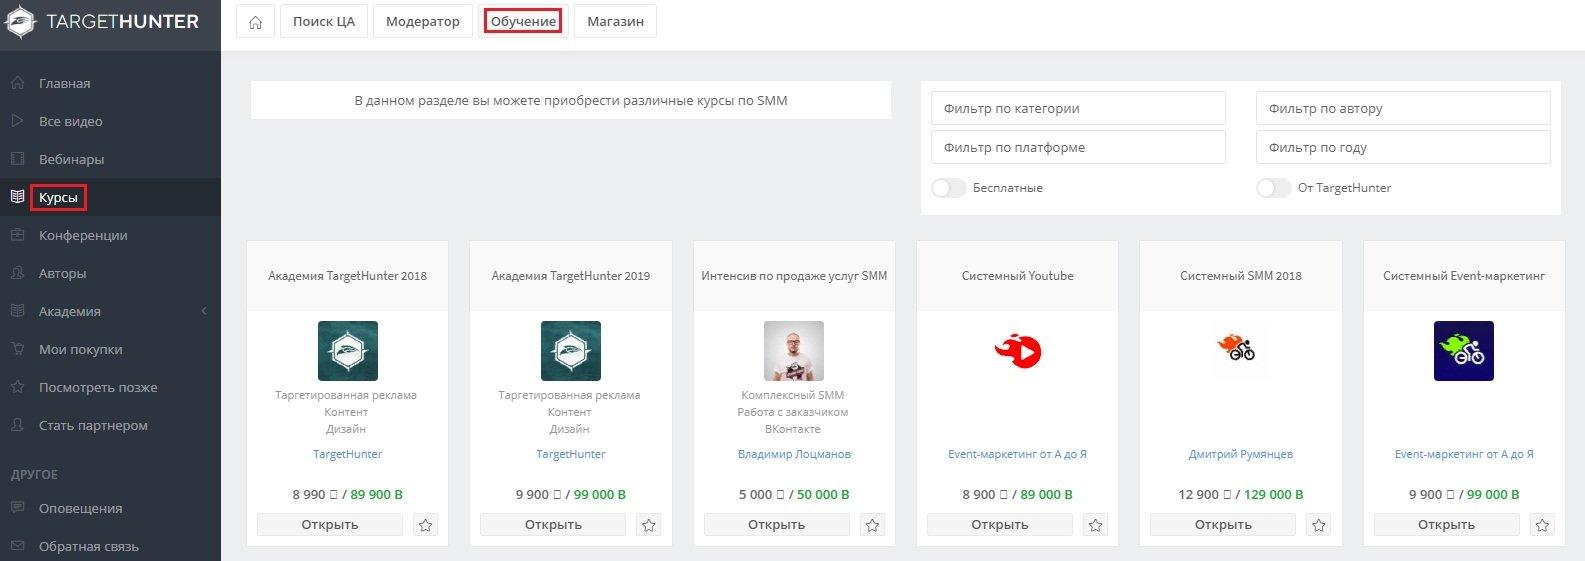 TargetHunter найдет всех: обзор программы парсинга для ВКонтакте